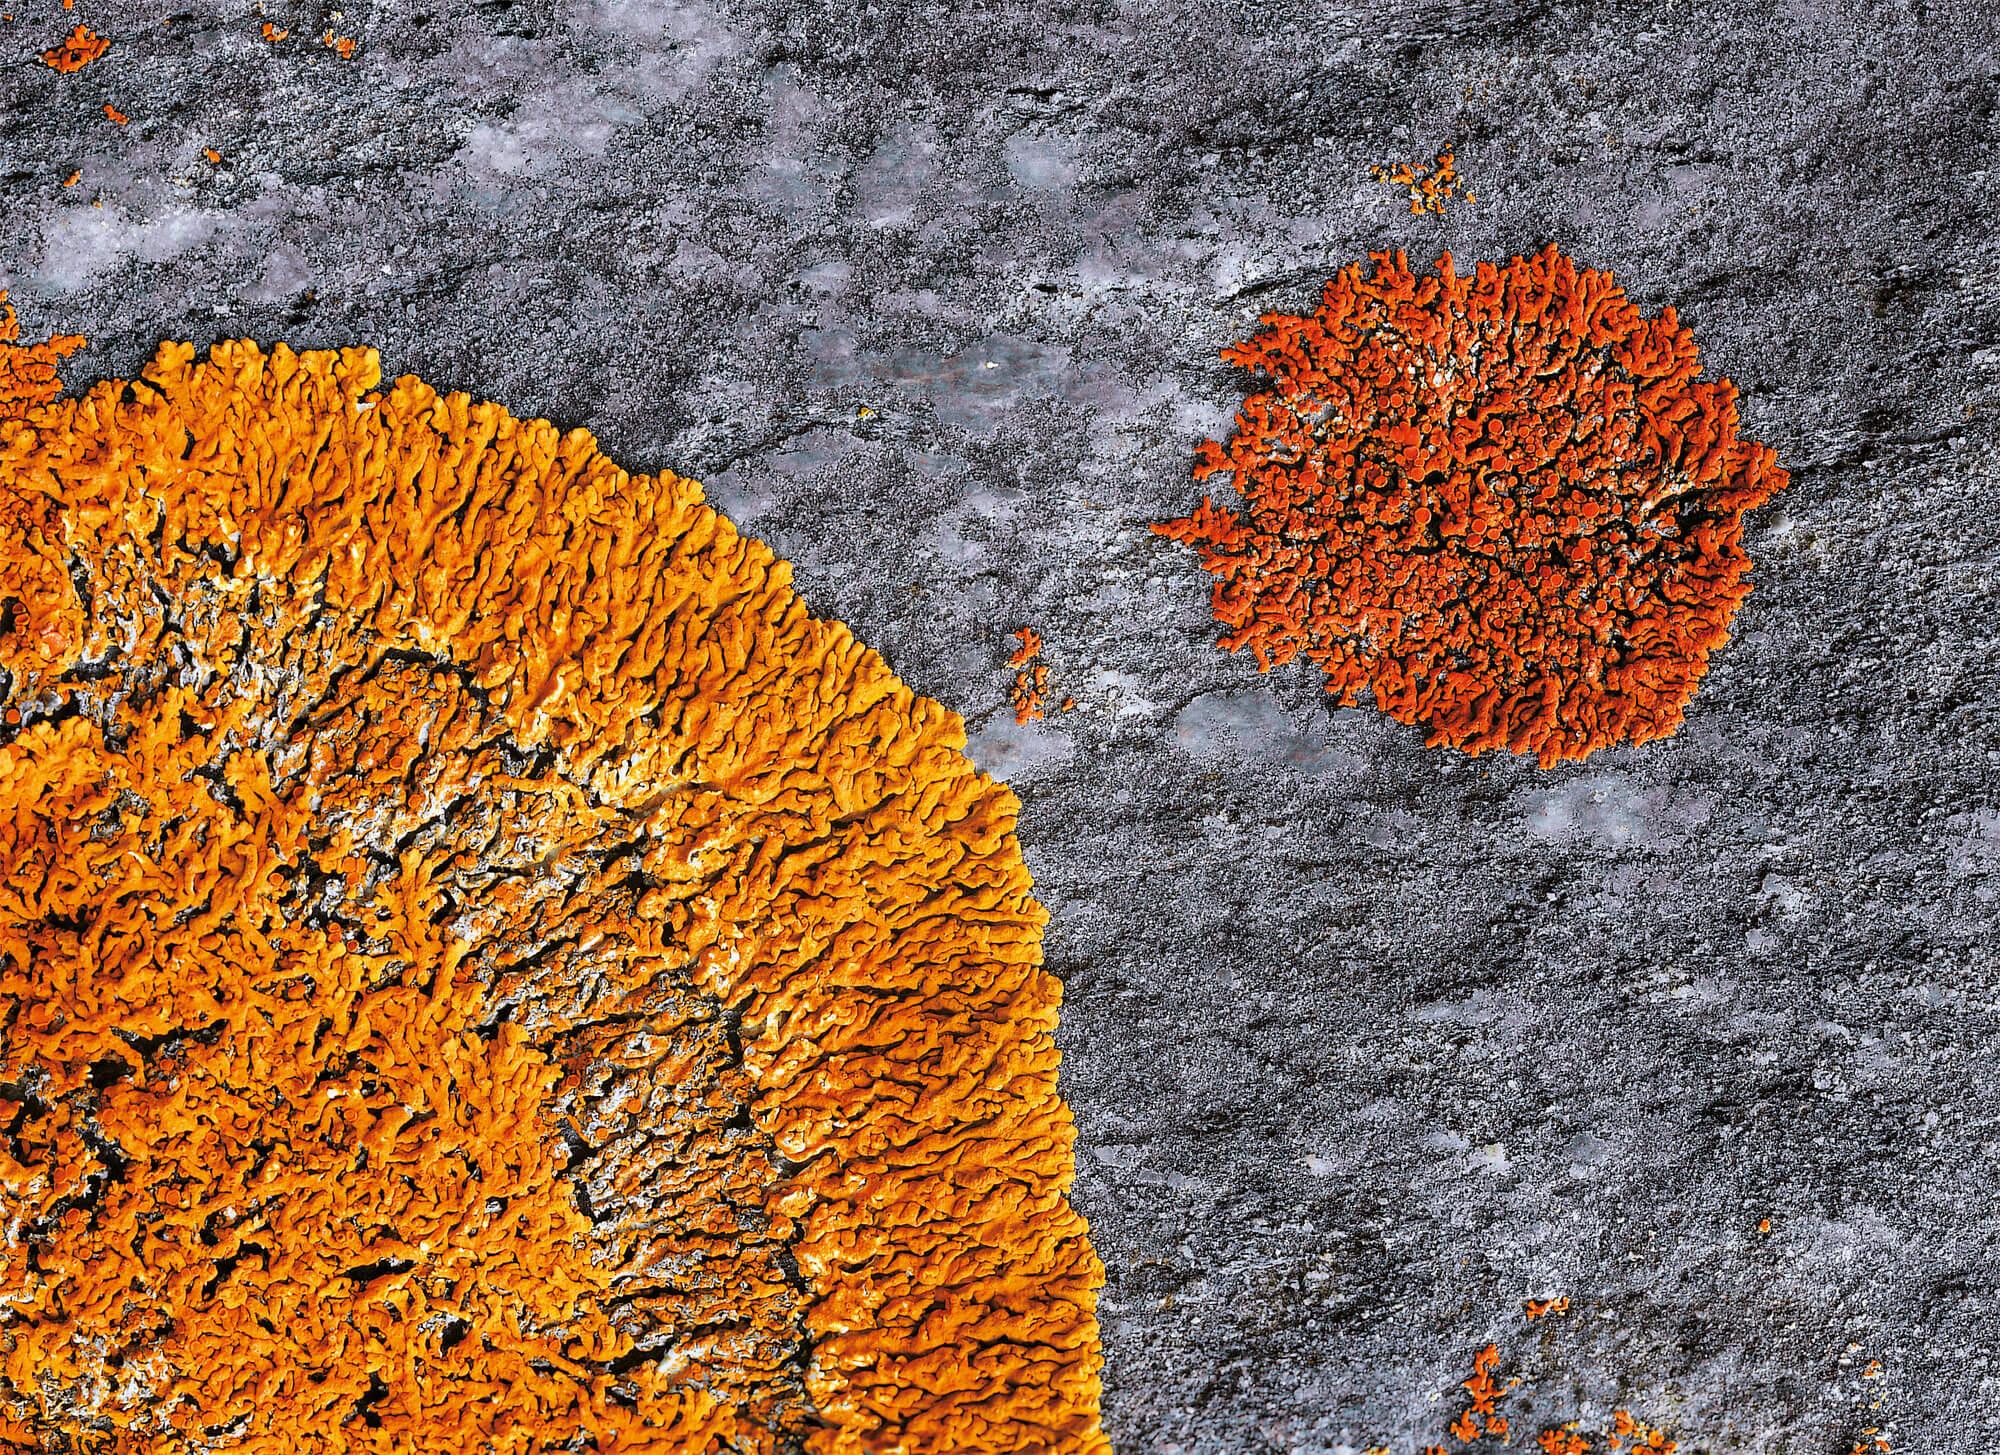 Lichens rouge jaune orange